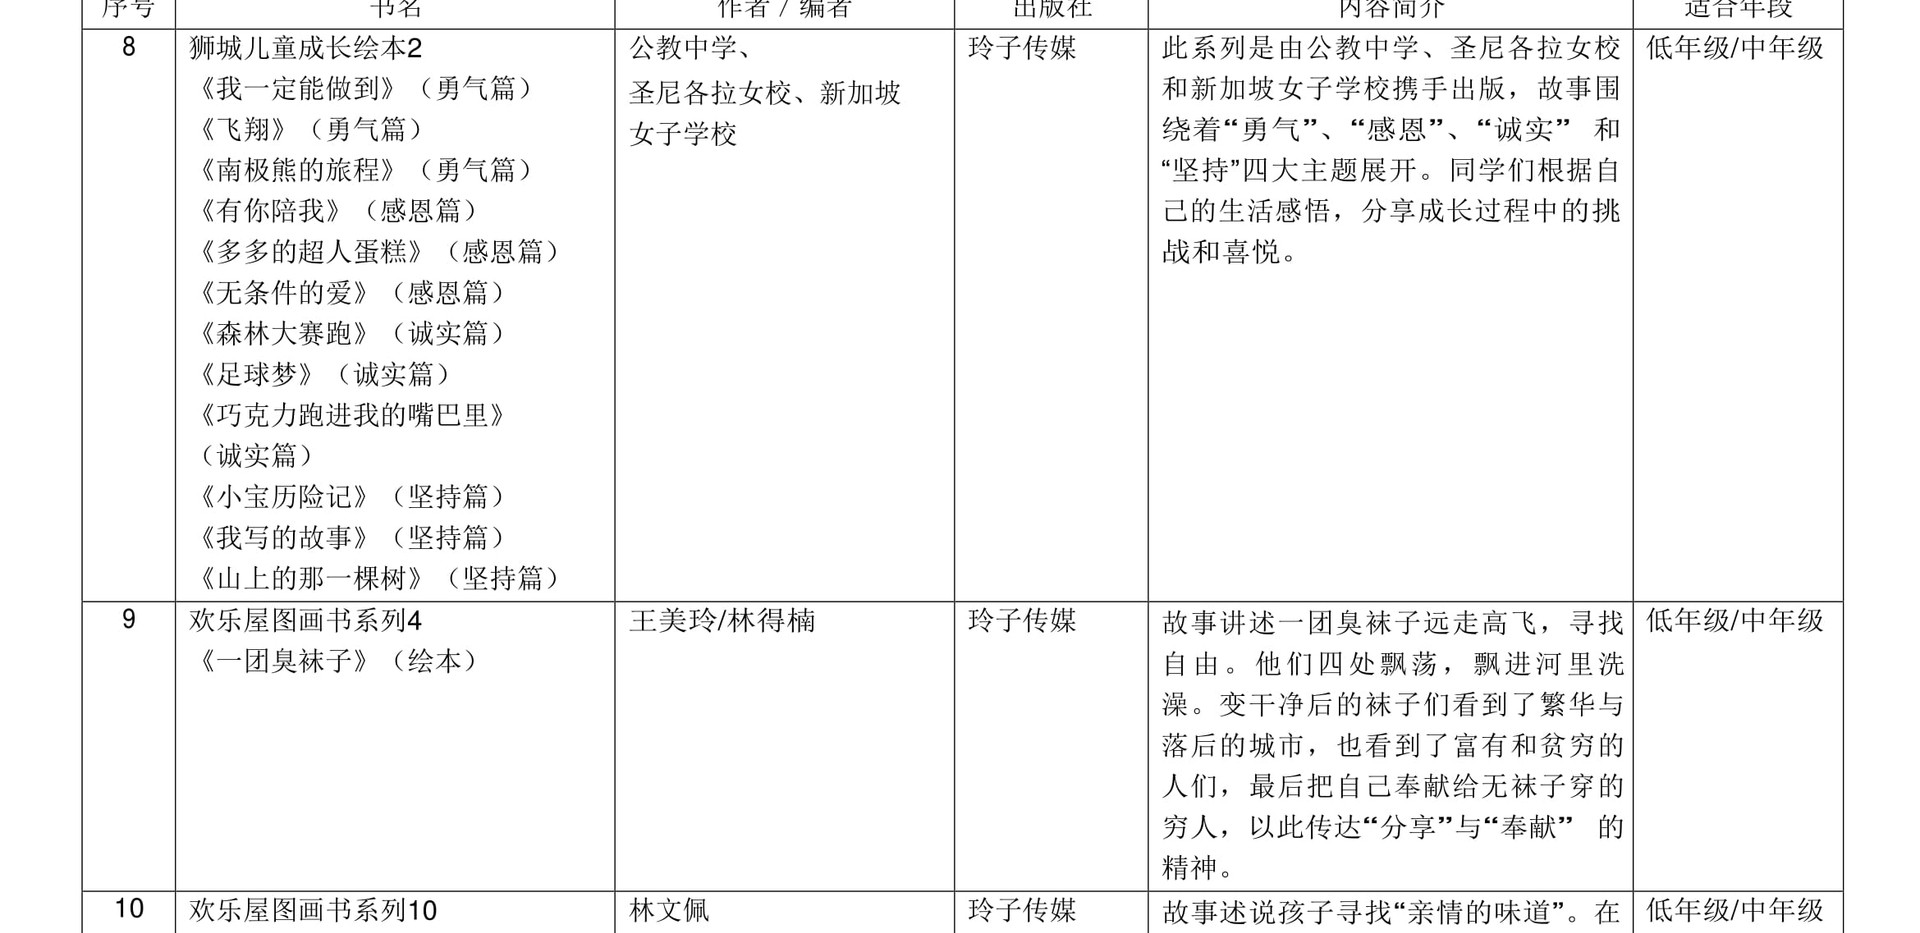 小学华文课外读物参考书目3.jpg